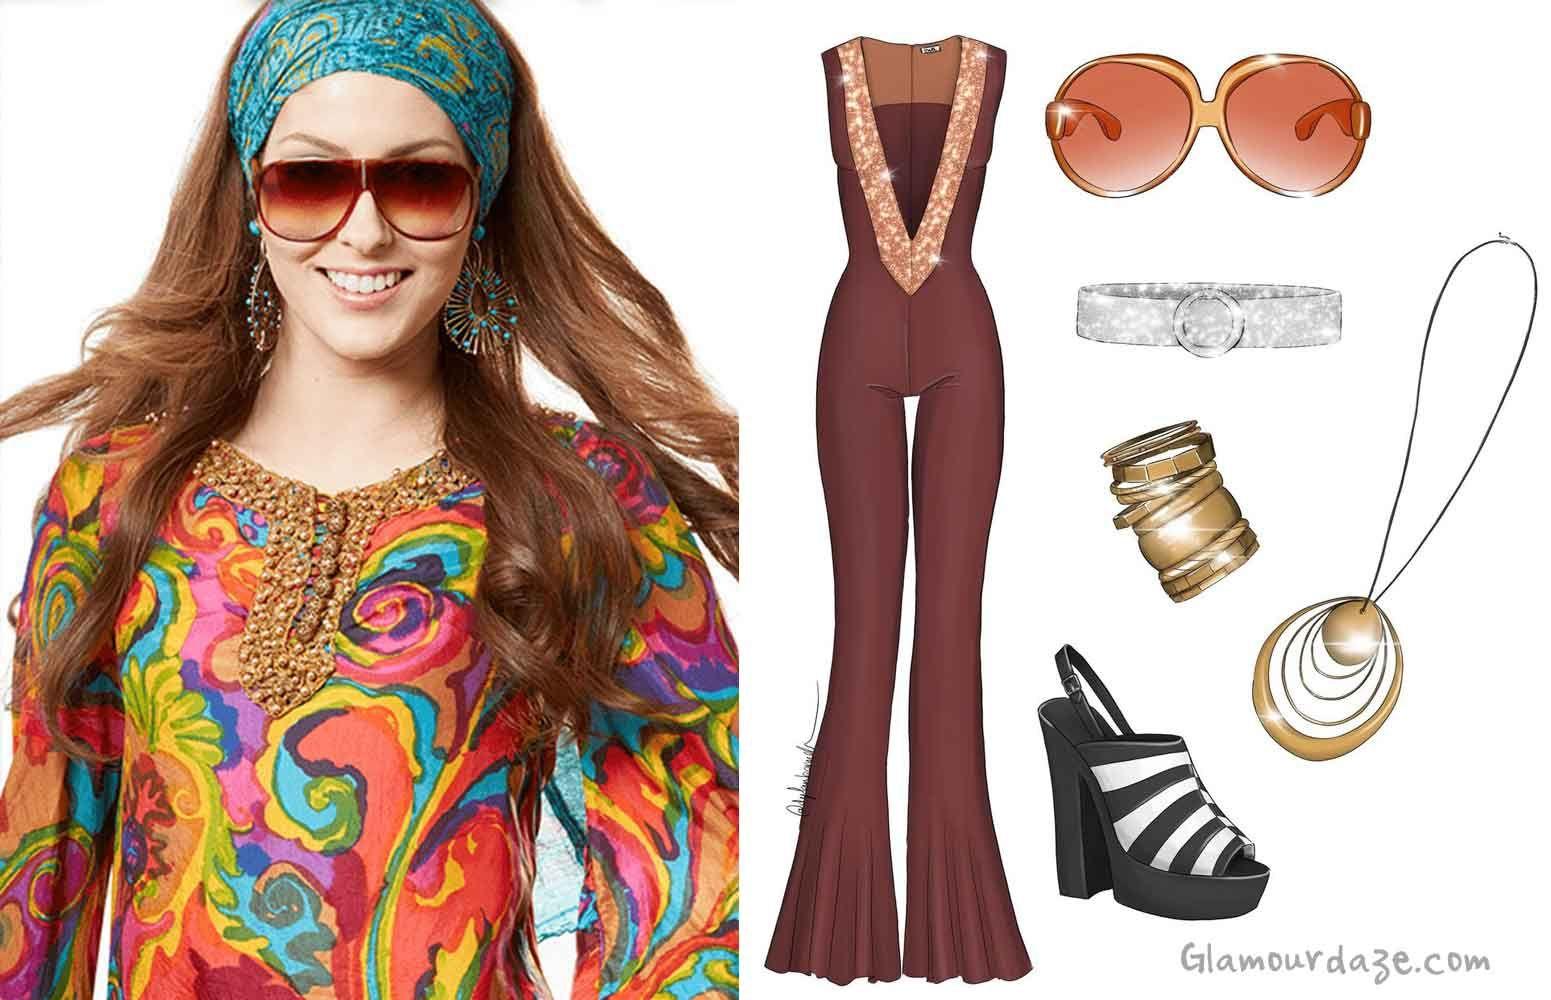 Fashion of 1970s - Fashion